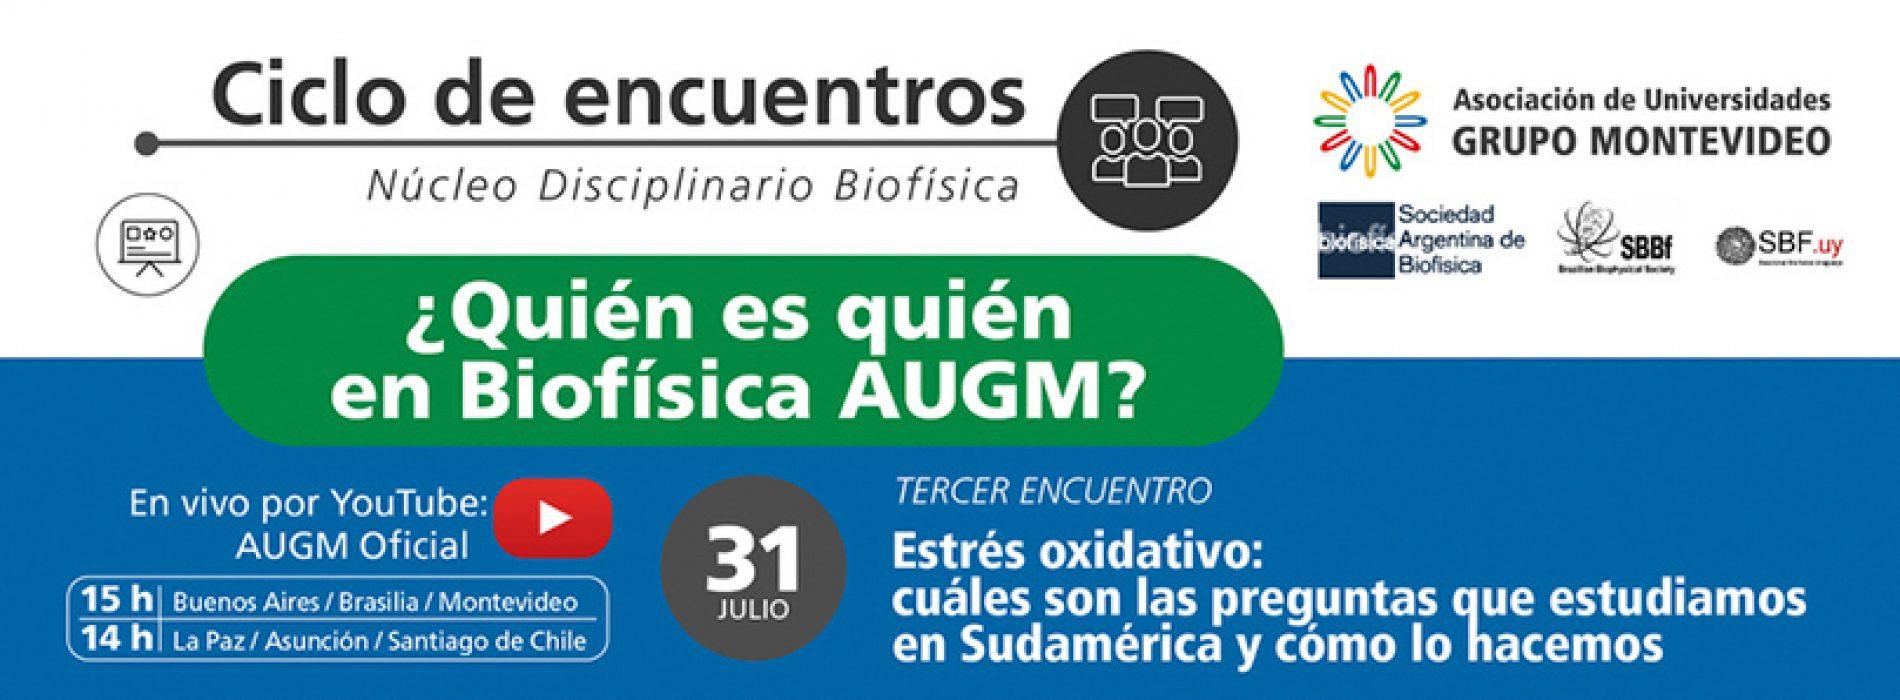 Ciclo de encuentros ¿Quién es quén en Biofísica AUGM?